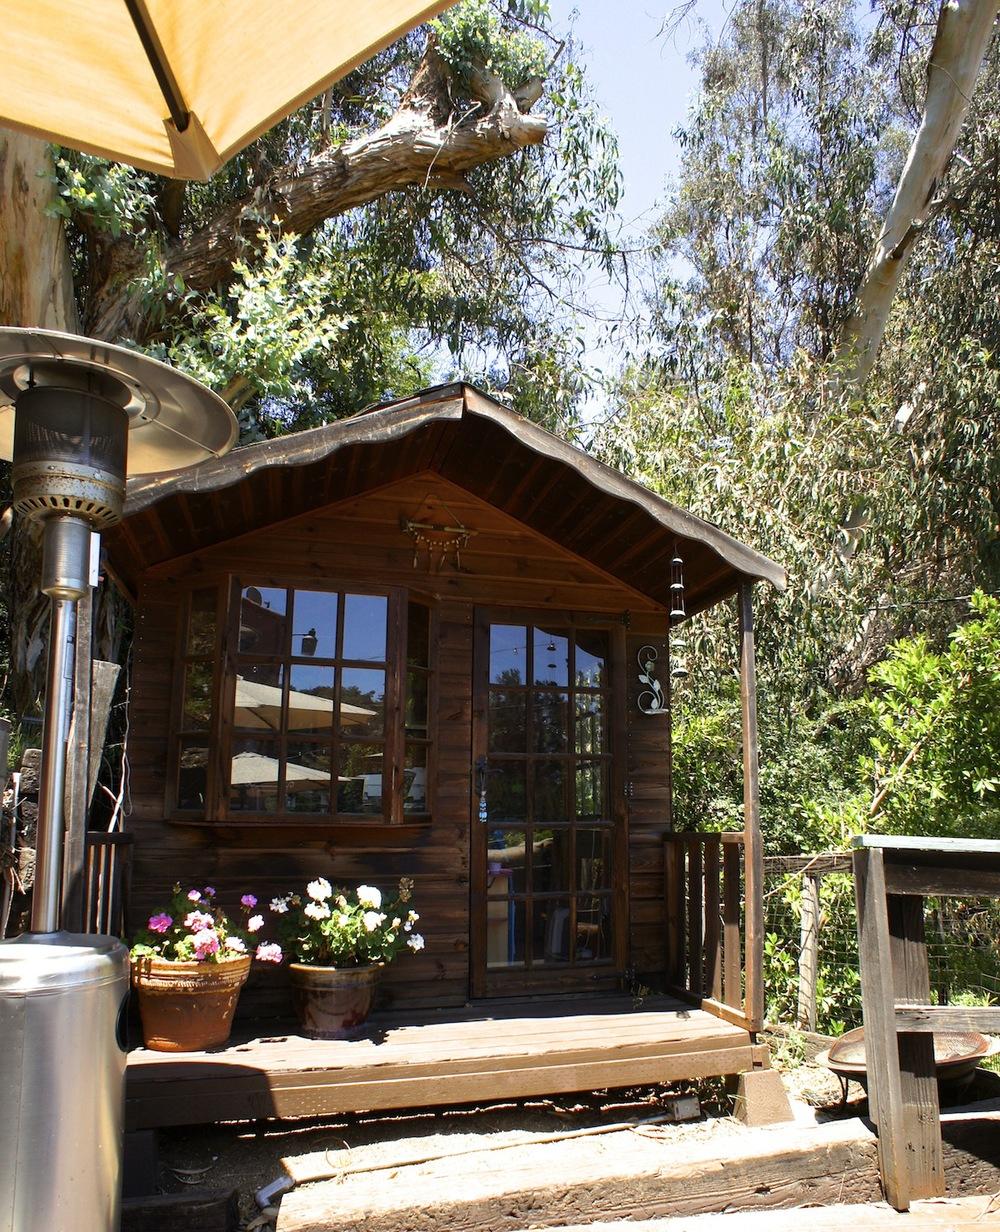 sheds - 2.jpg